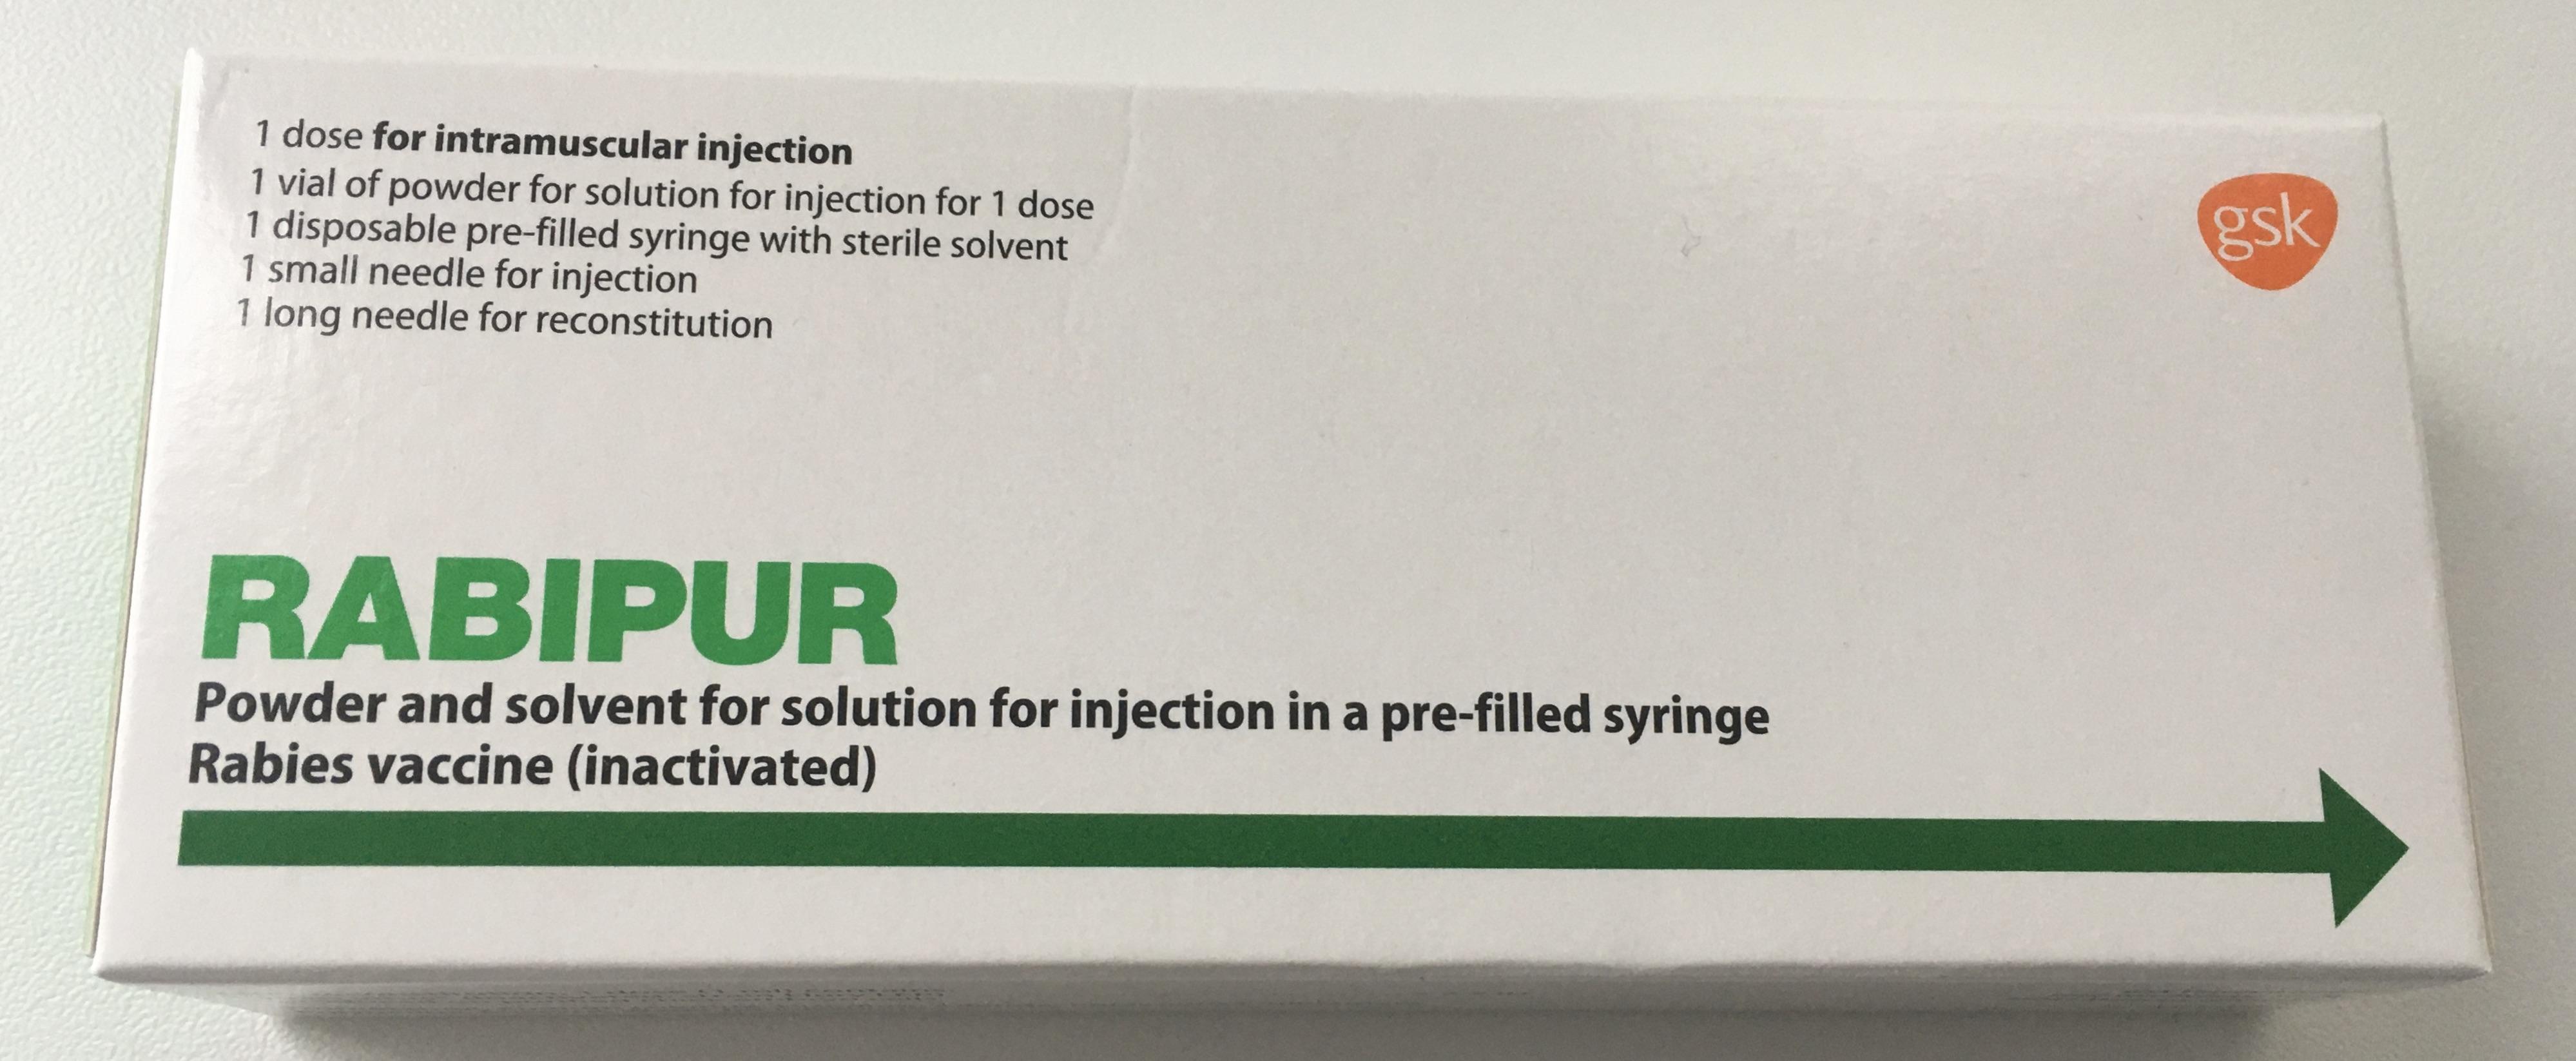 FlyingMedicine Rabipur Rabies vaccination